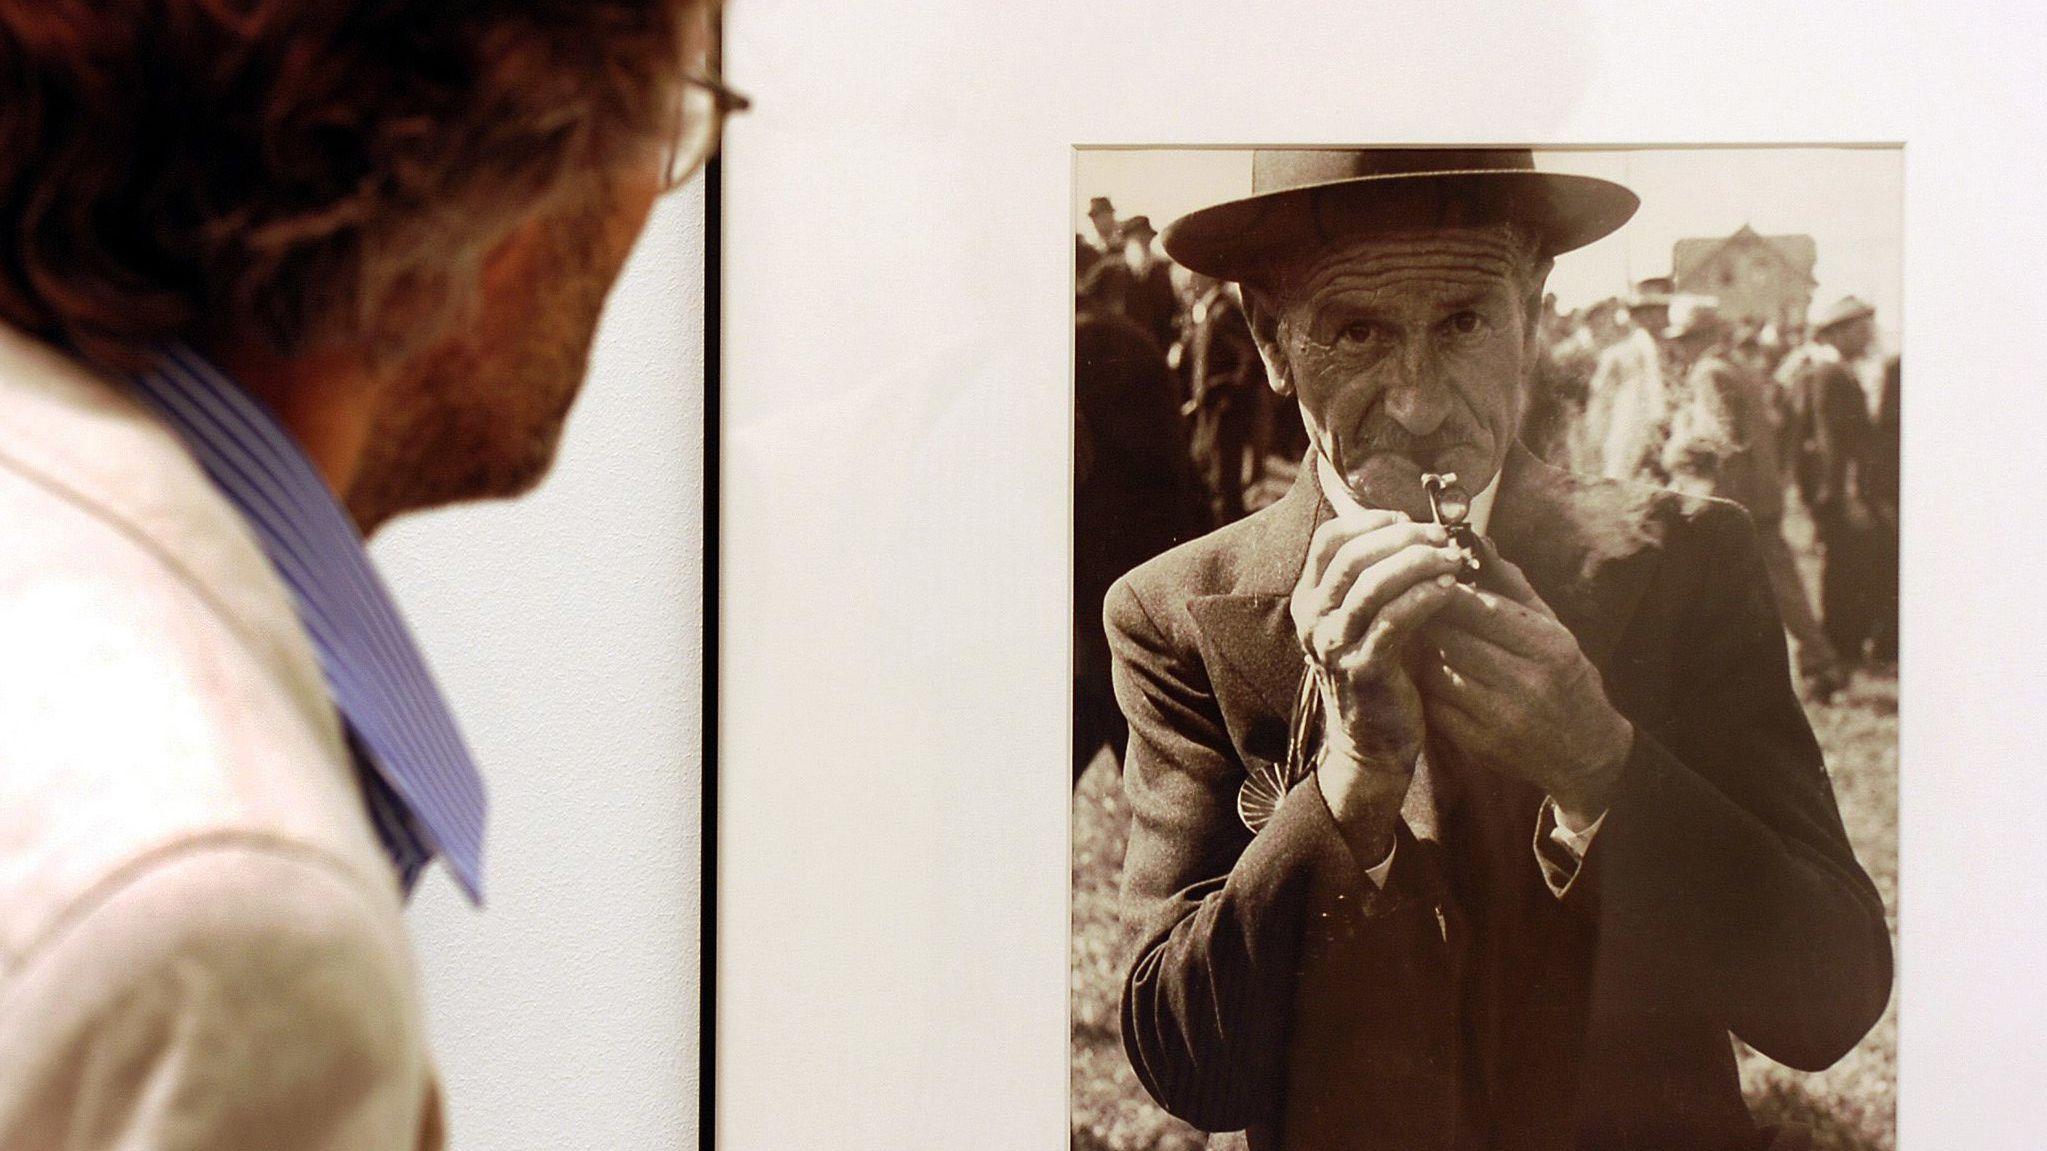 Ein Besucher betrachtet im Fotomuseum Winterthur 2005 das schwarz-weiß Bildnis eines alten Mannes auf einer Fotografie von Robert Frank